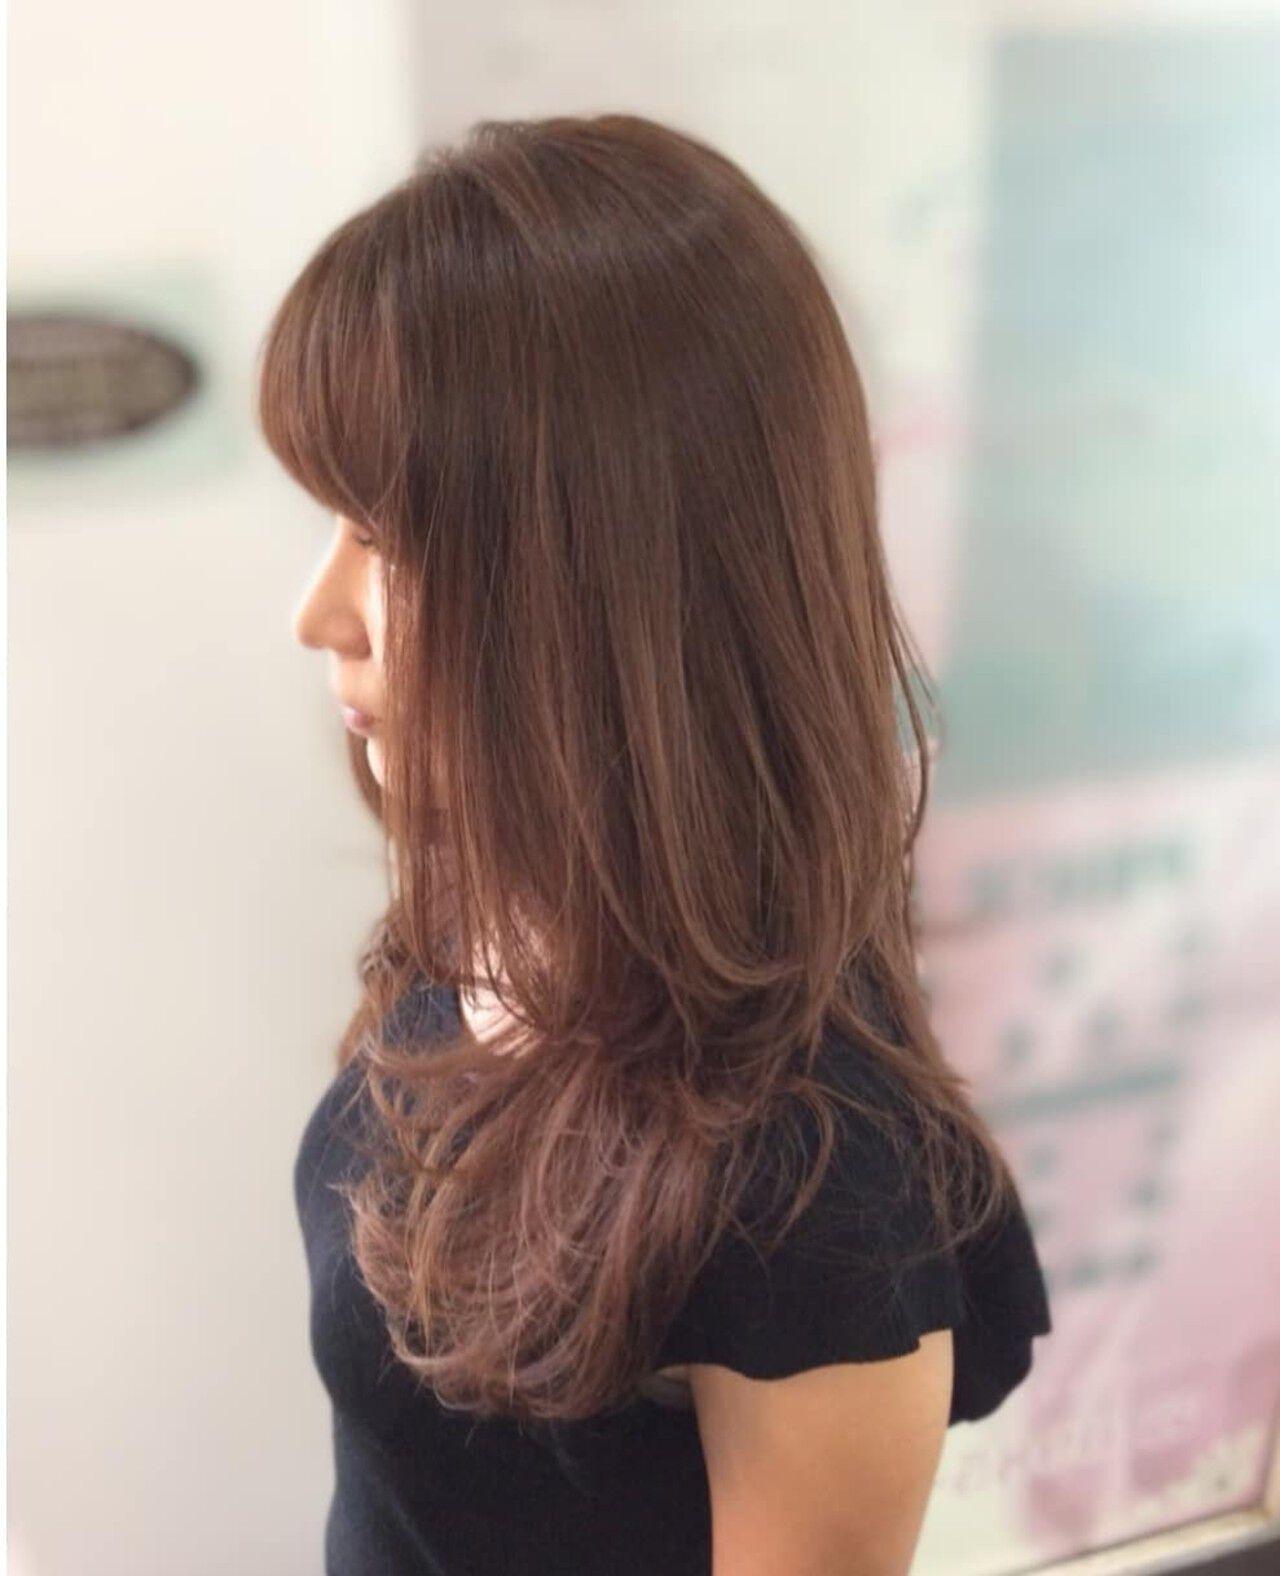 ブラウン ナチュラル セミロング ブラウンベージュヘアスタイルや髪型の写真・画像